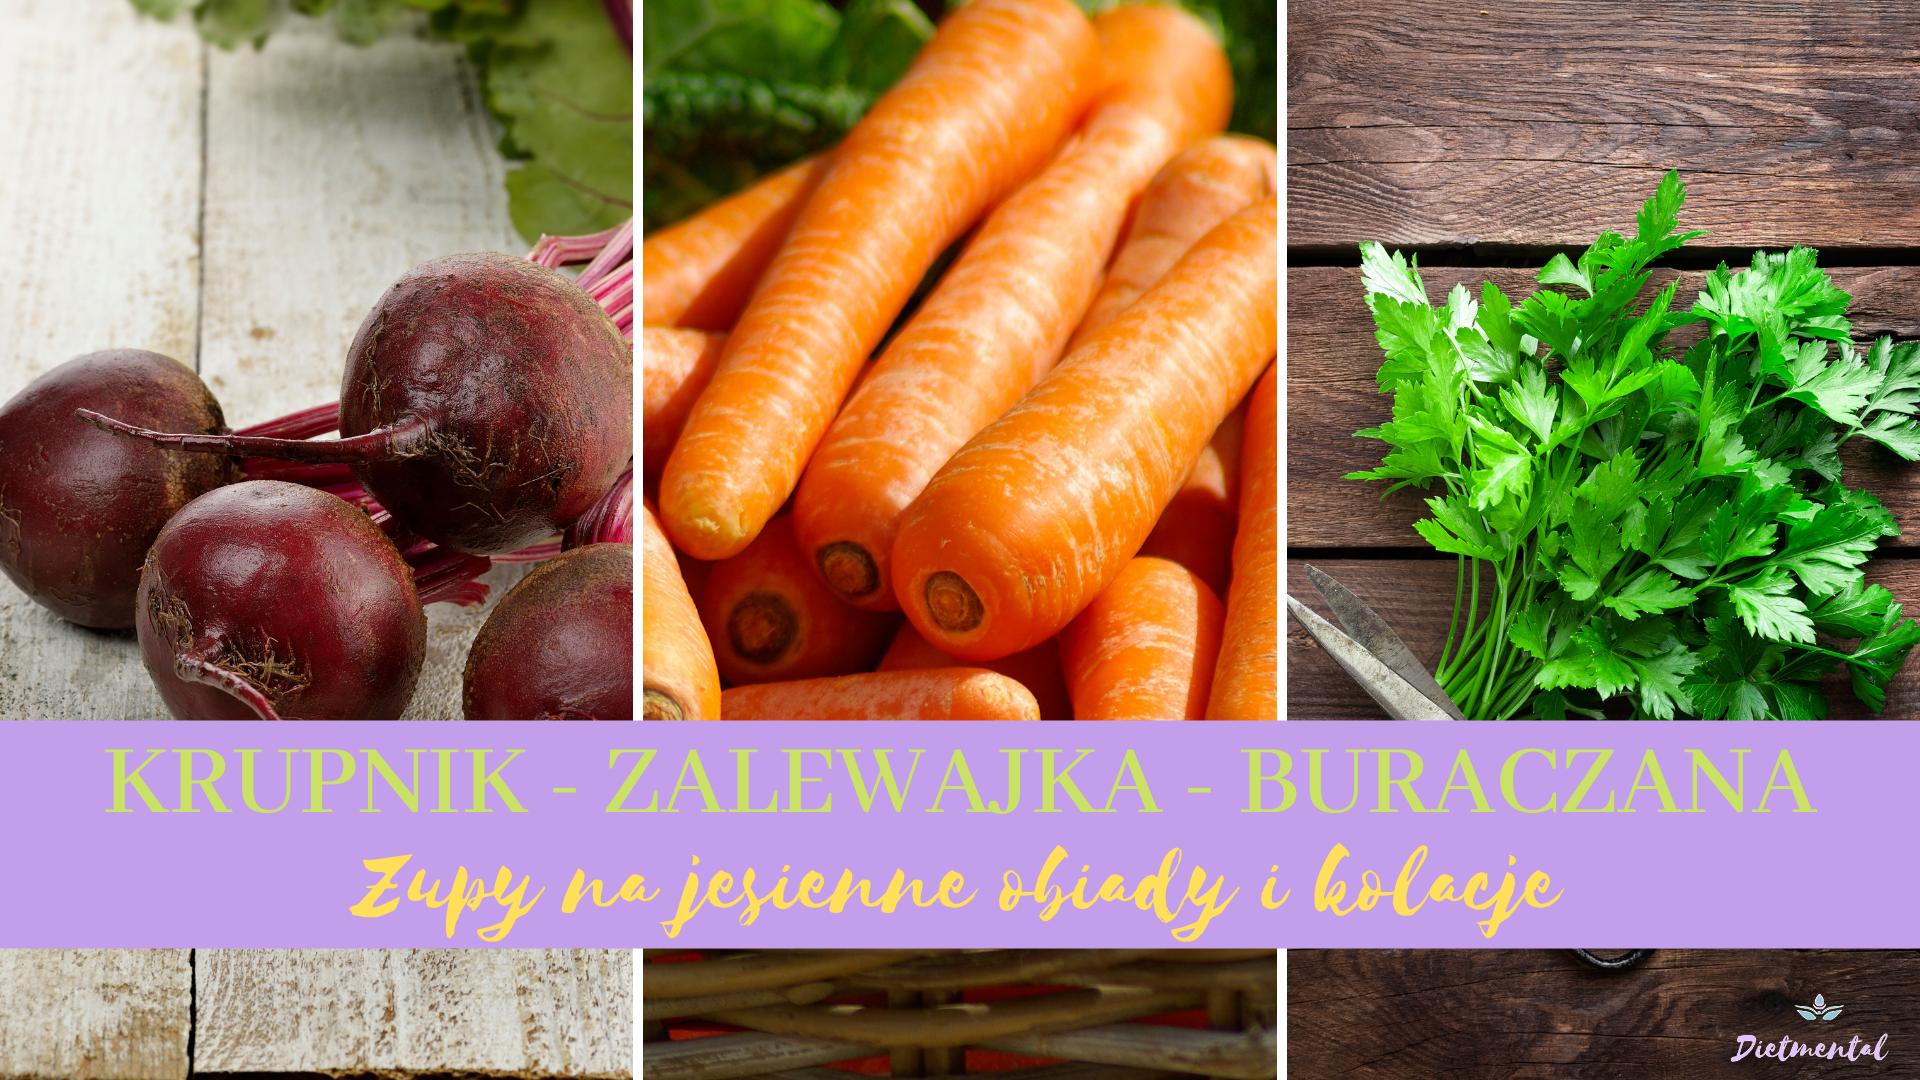 zdrowe kolacje przepisy dietetyk wrocław